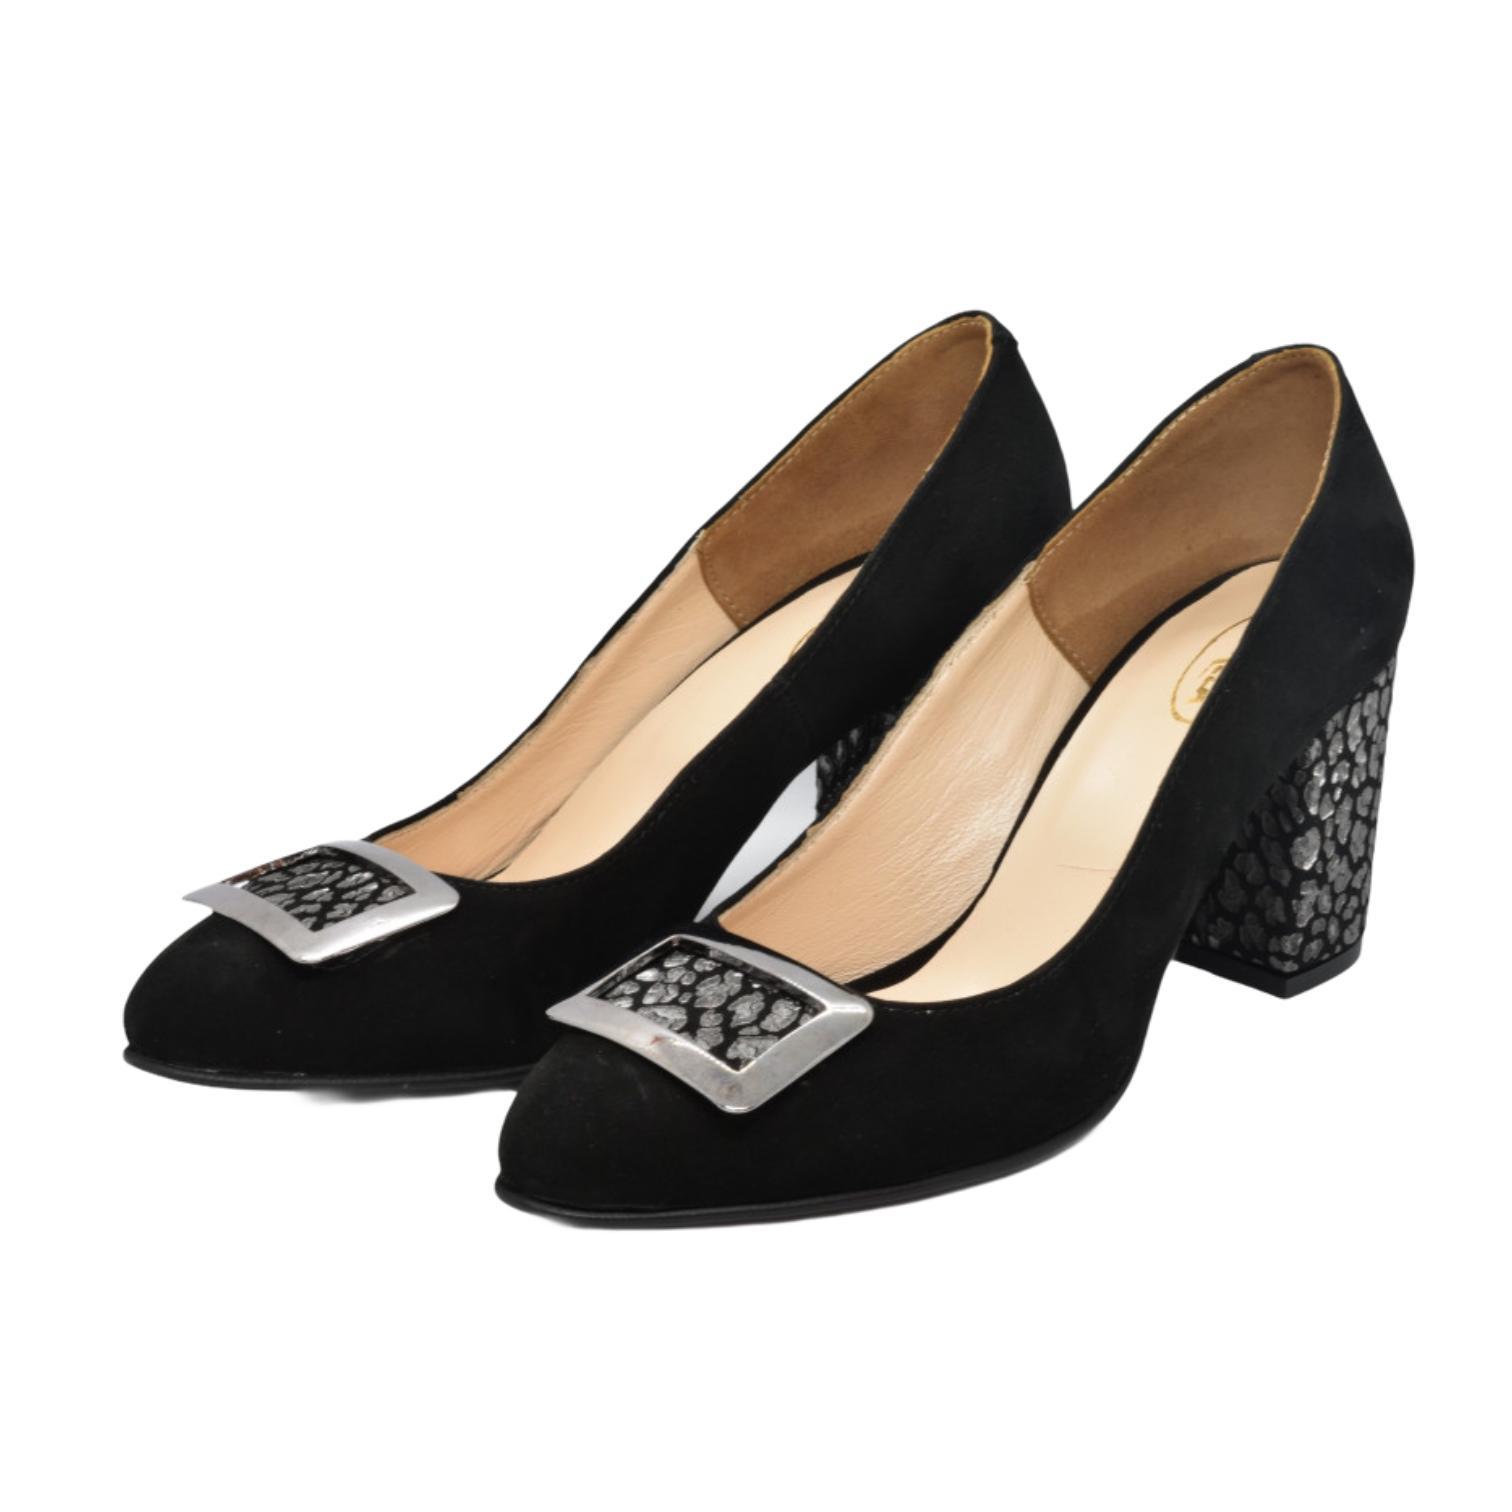 Pantofi negri cu accesoriu metalic si toc cu model